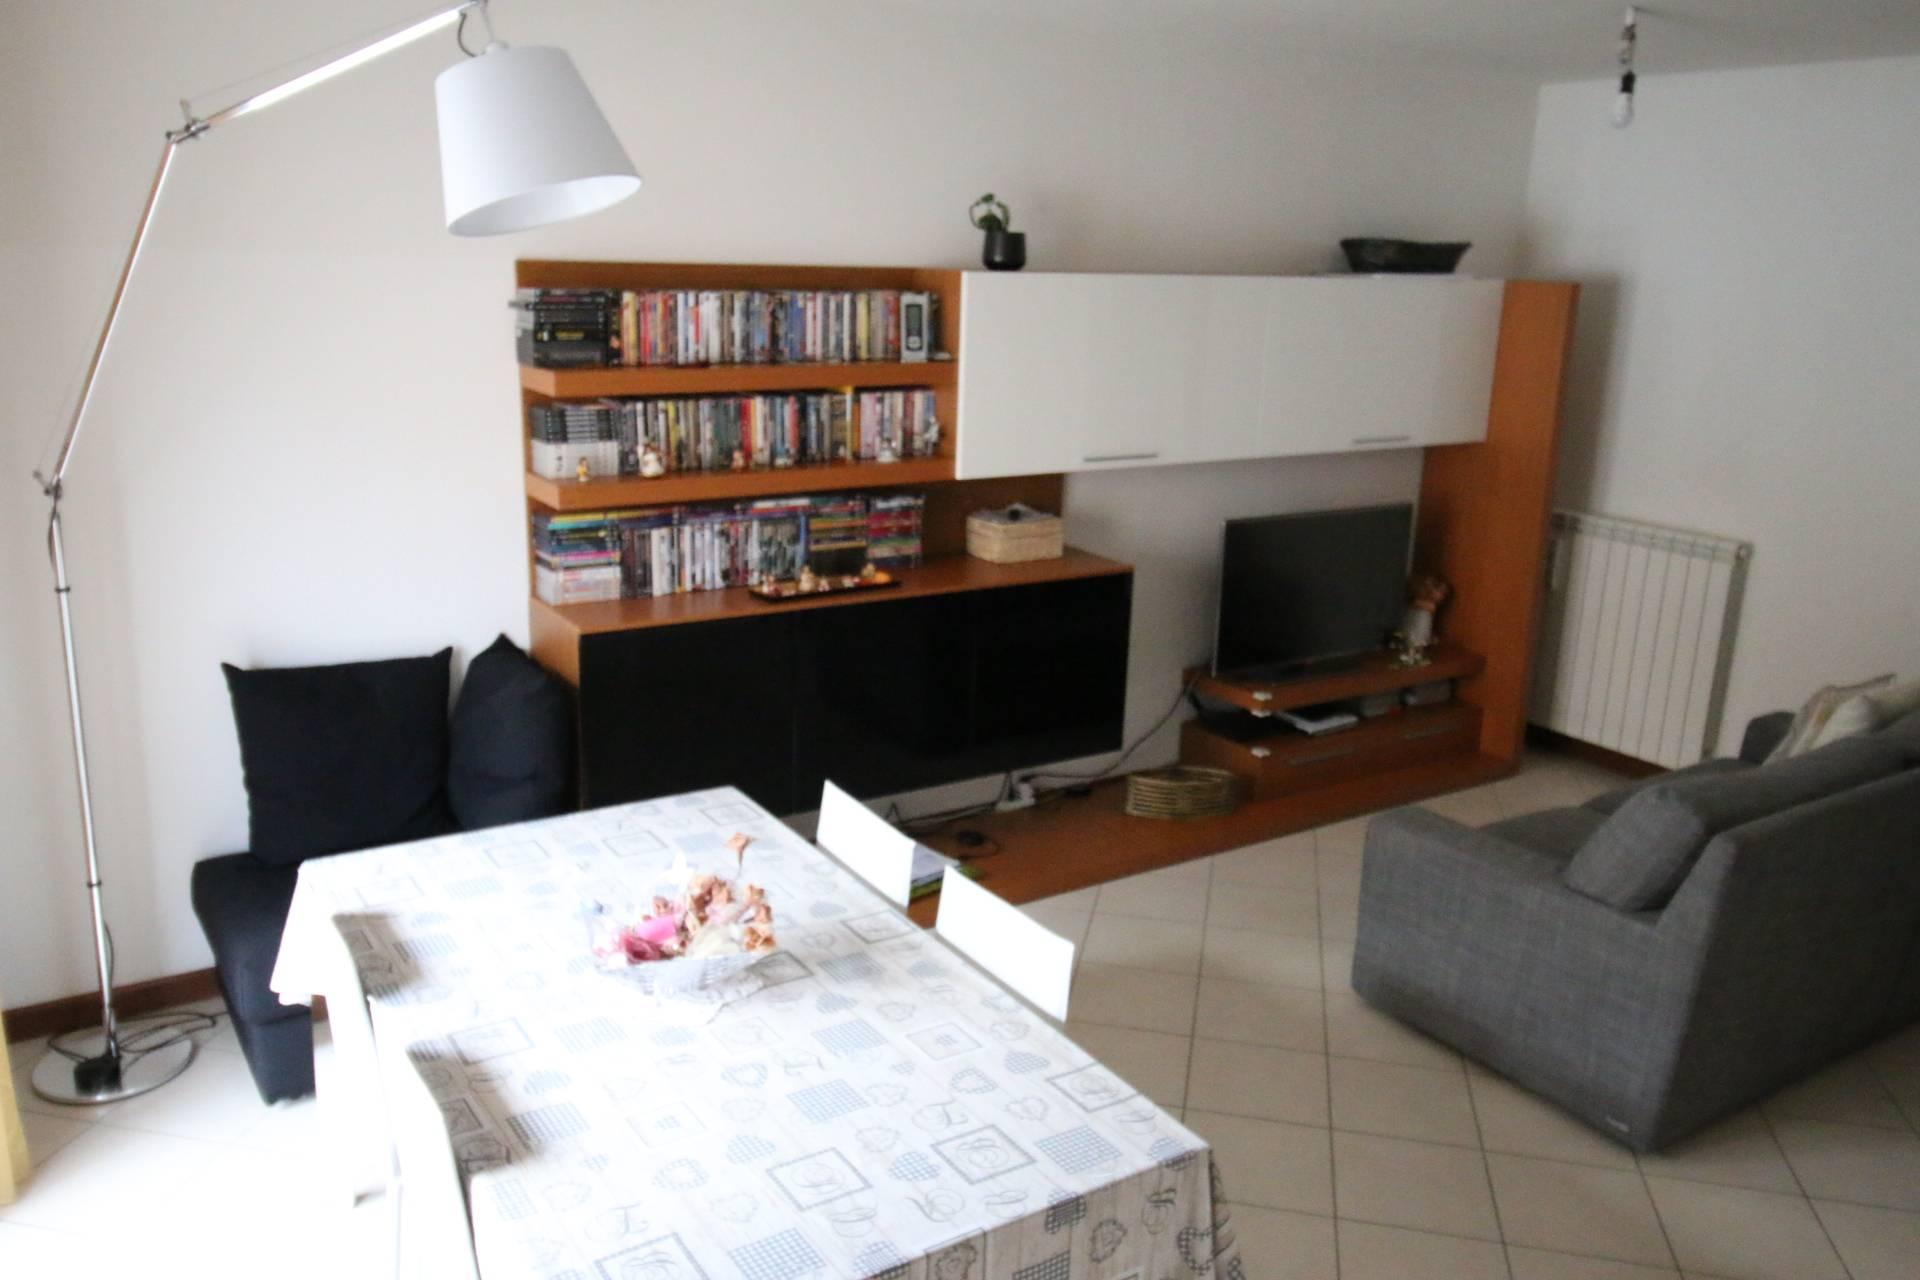 Appartamento in vendita a Gorizia, 6 locali, prezzo € 112.000 | CambioCasa.it